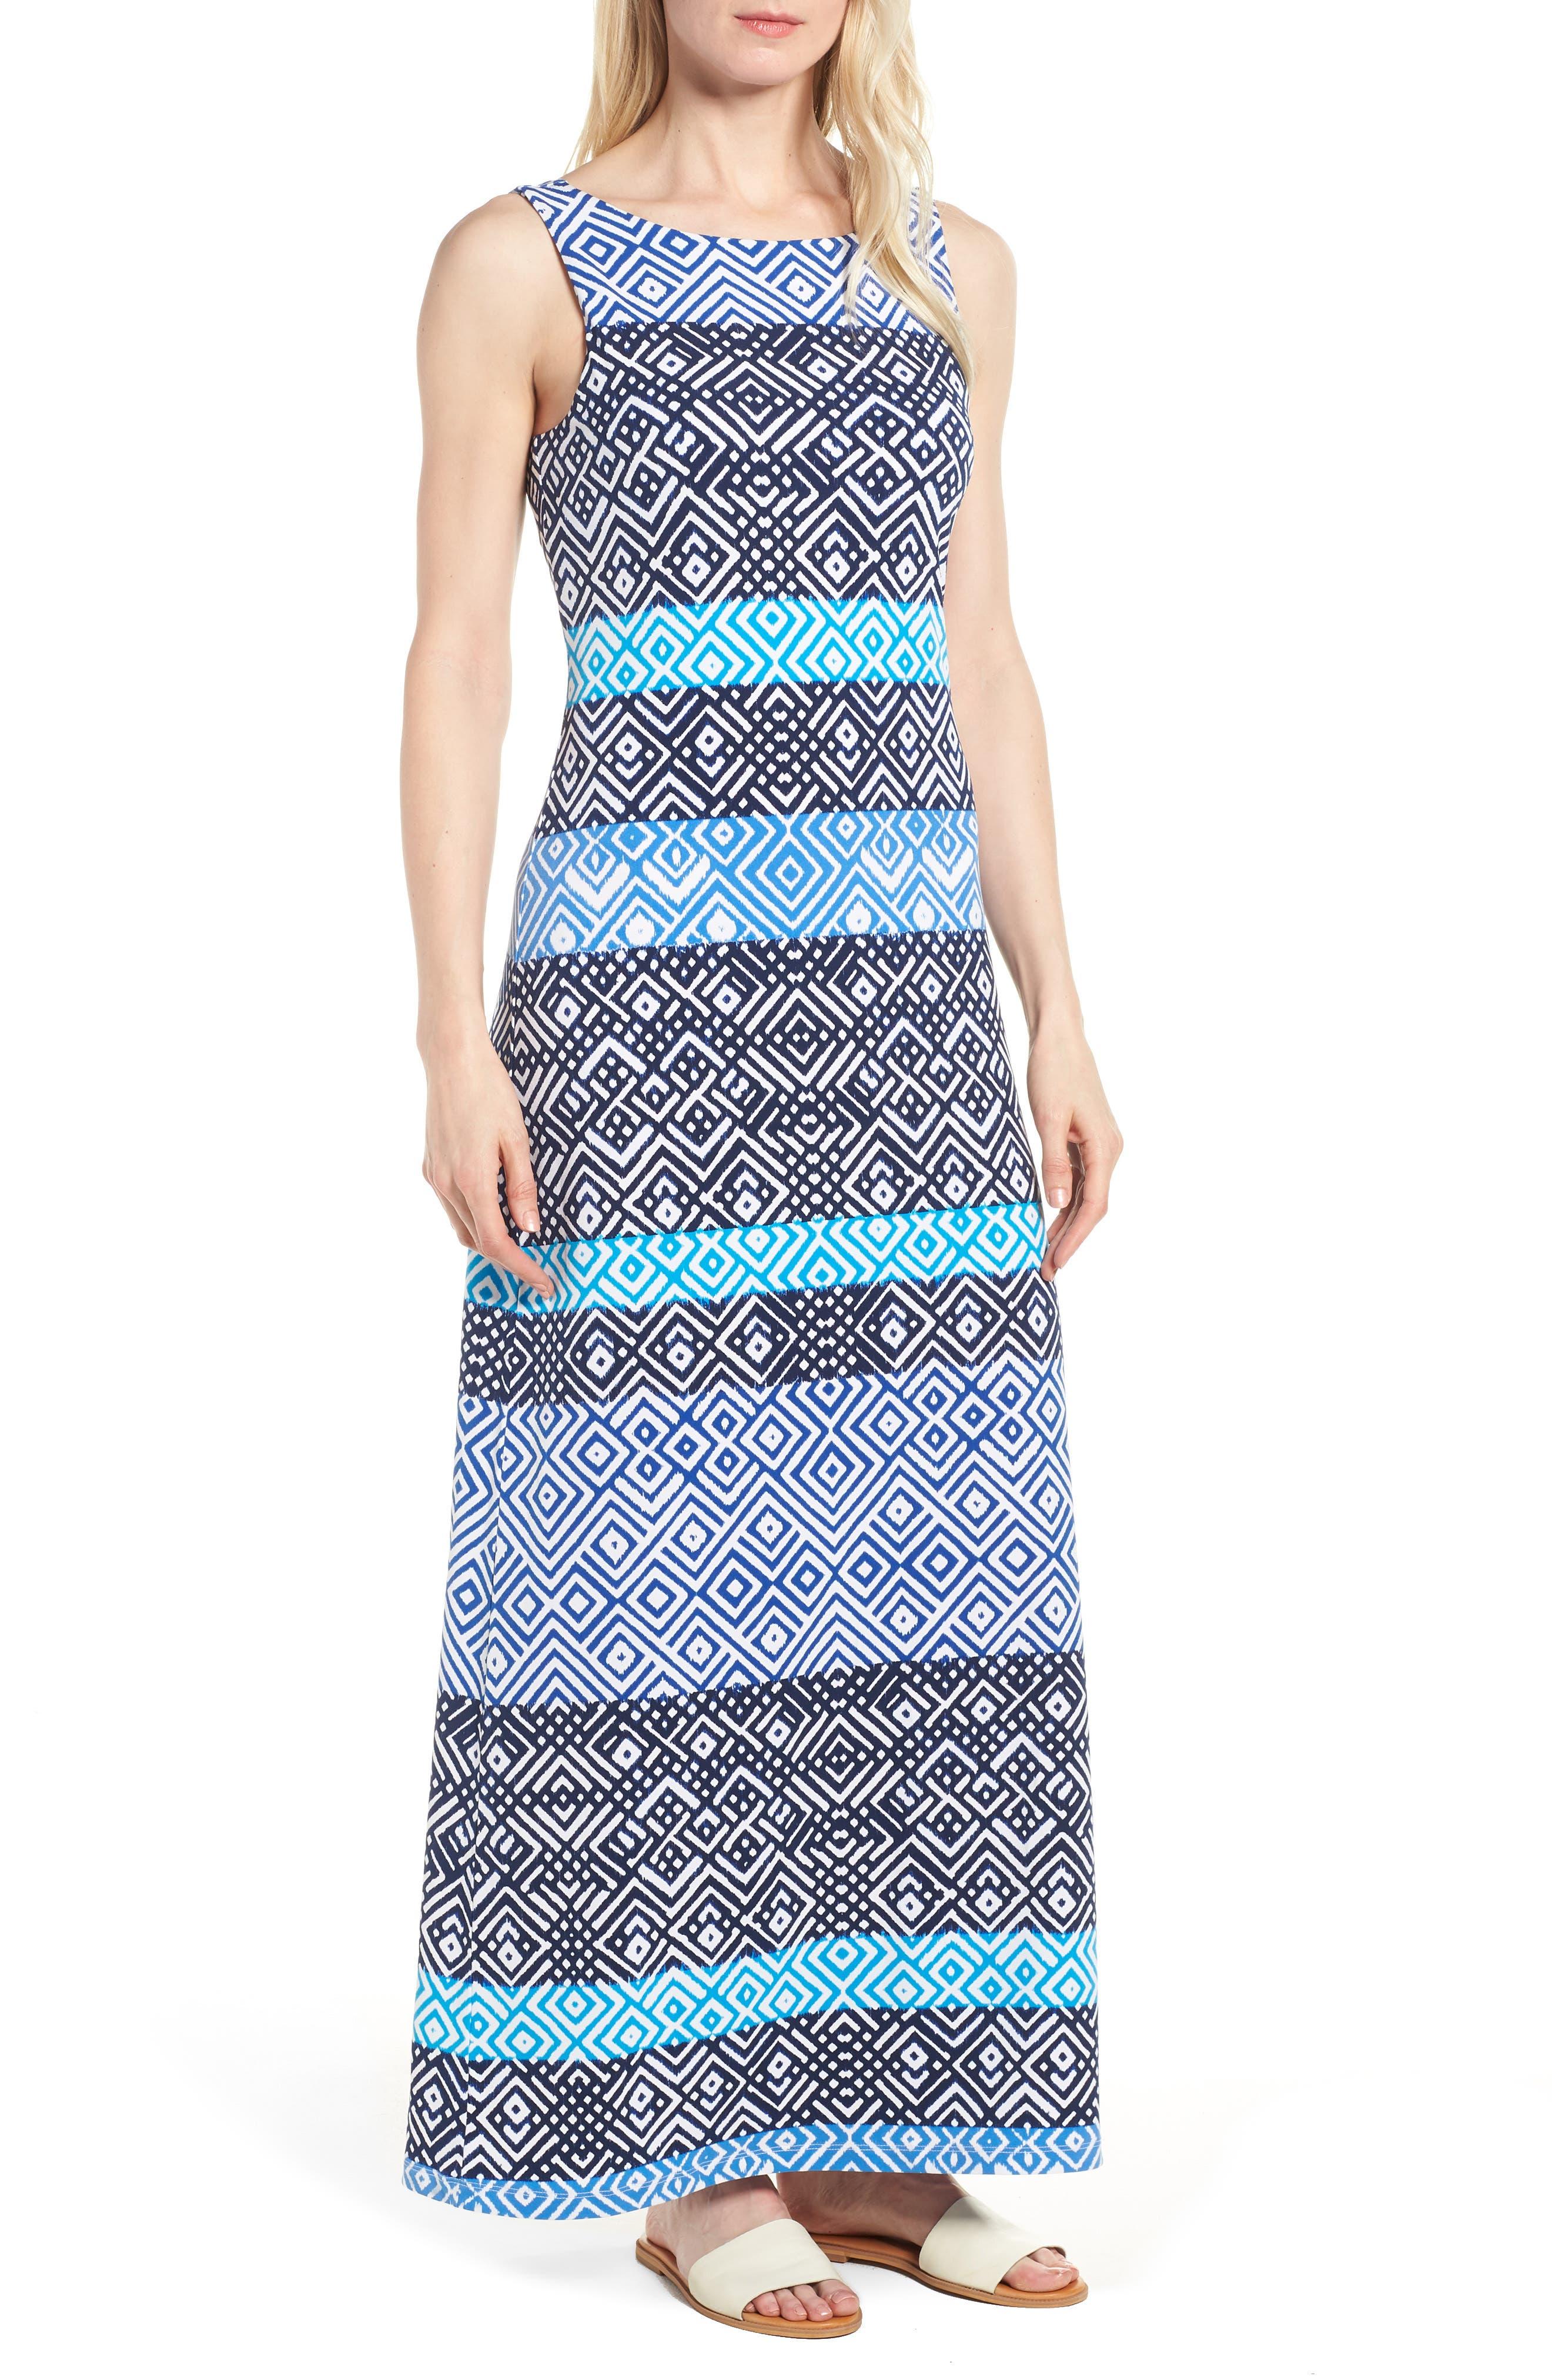 Mayan Maze Maxi Dress,                         Main,                         color, Ocean Deep